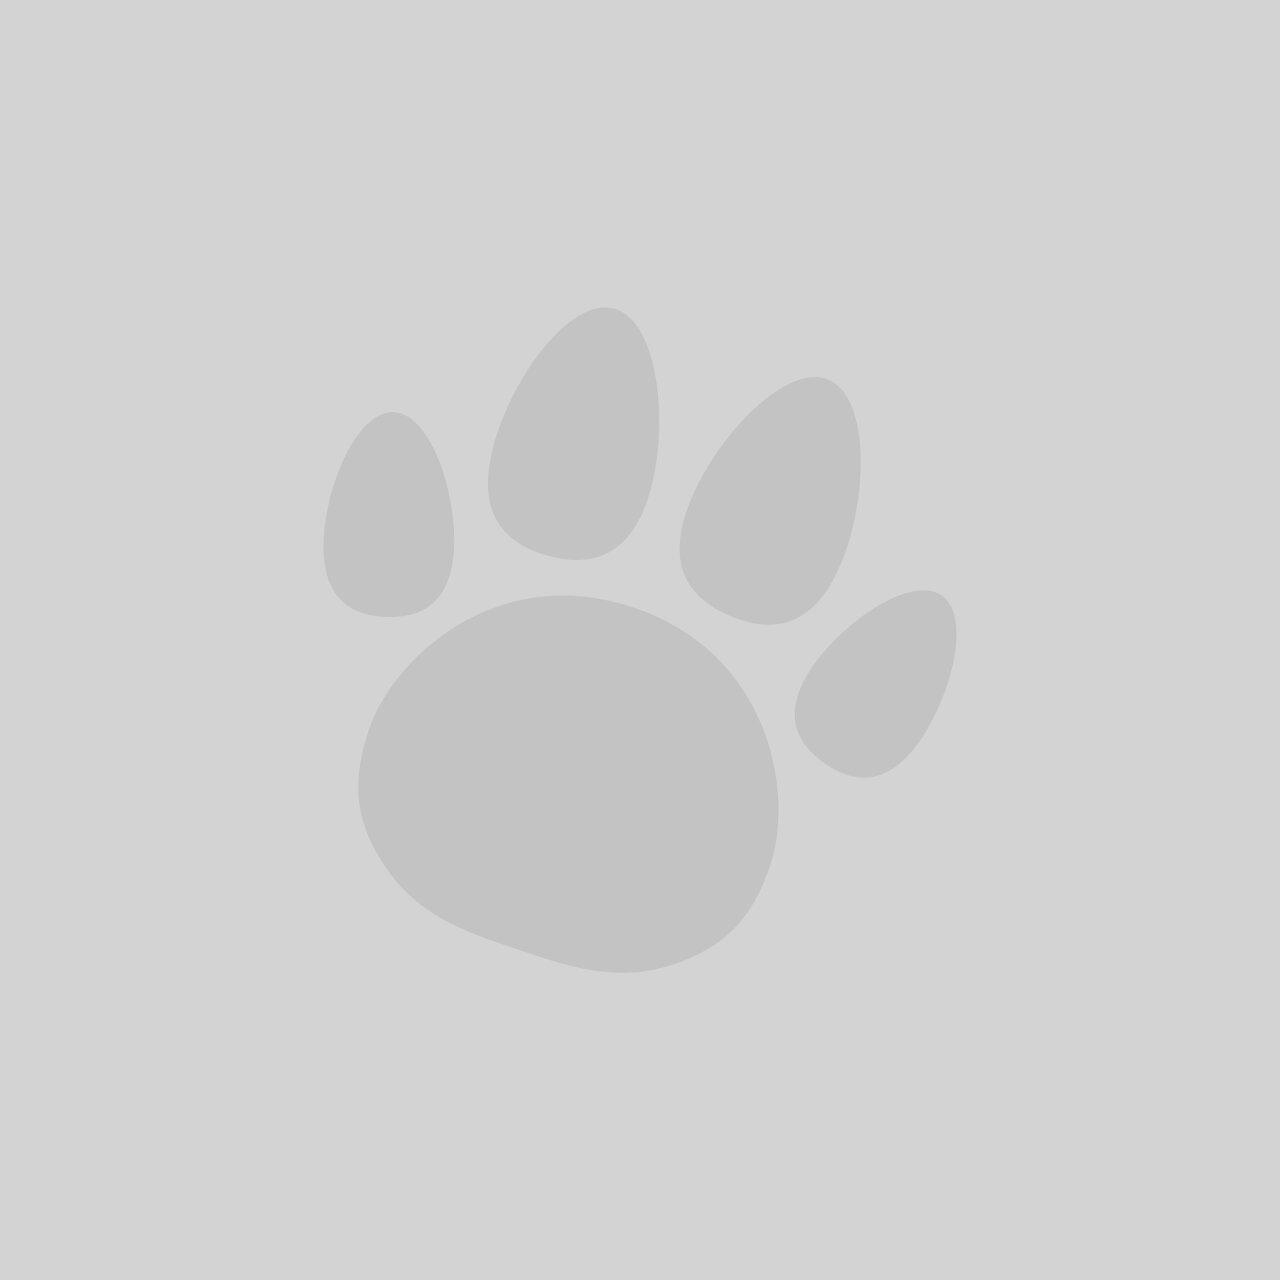 Rufus & Rosie Stainless Steel Bowl Blue 940ml